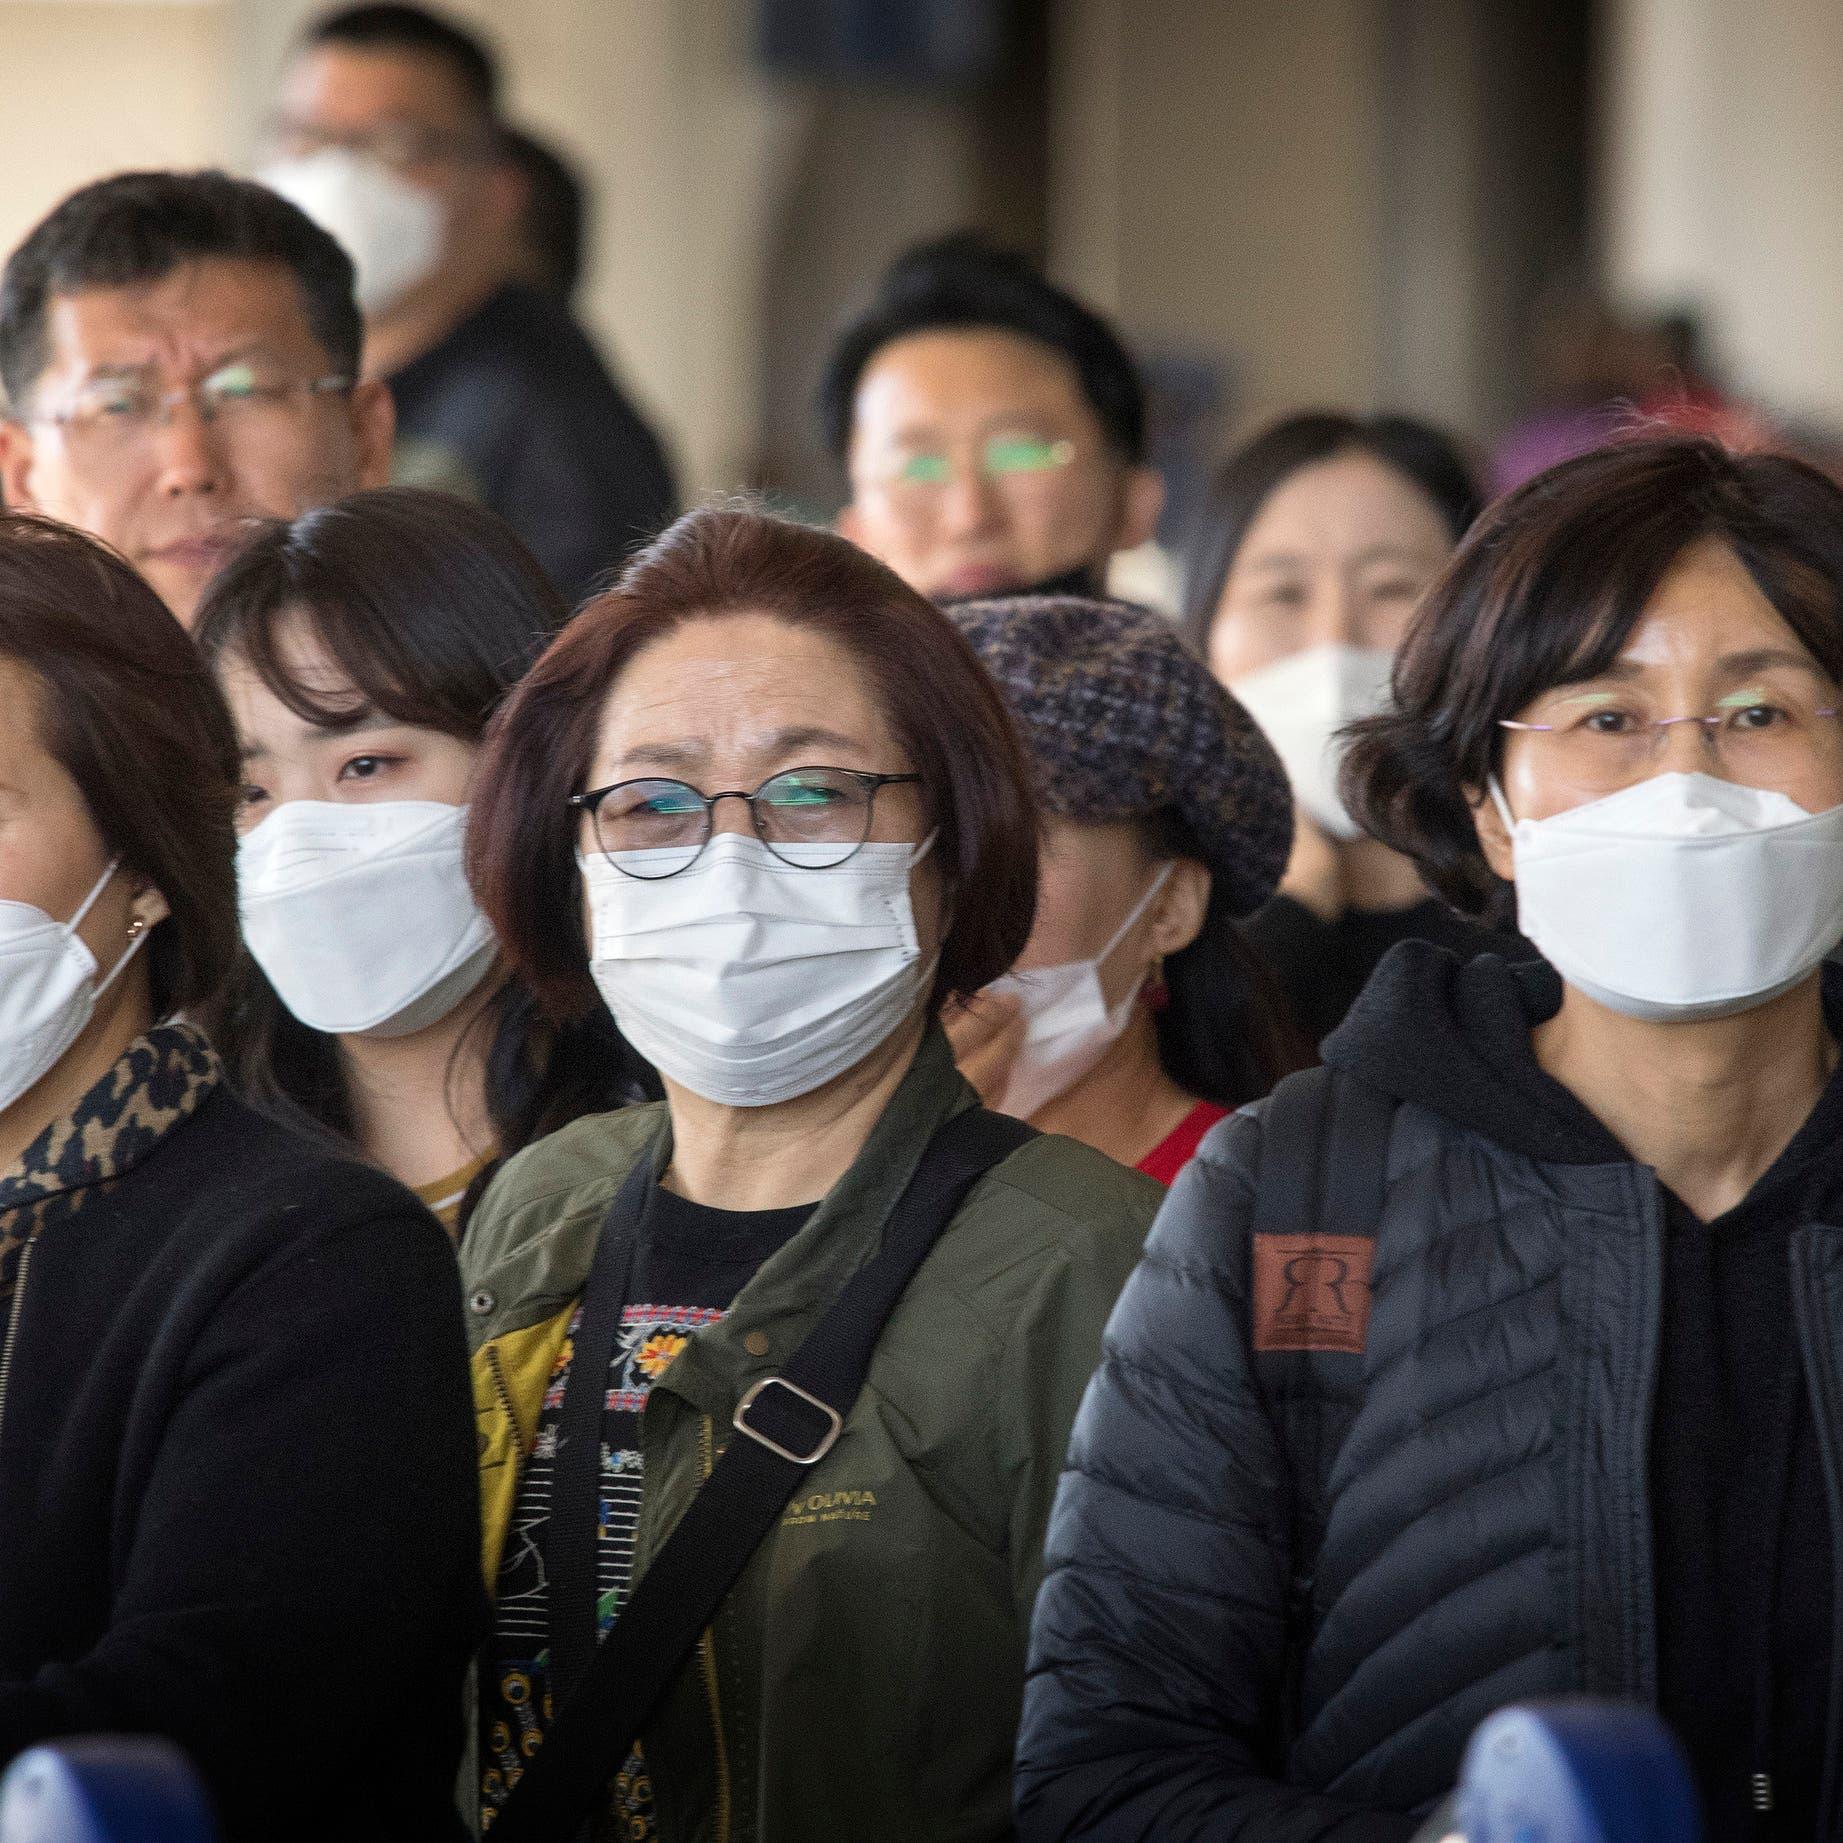 كورونا يتوسع بحصد الأرواح.. وفاة 169 شخصاً بالصين